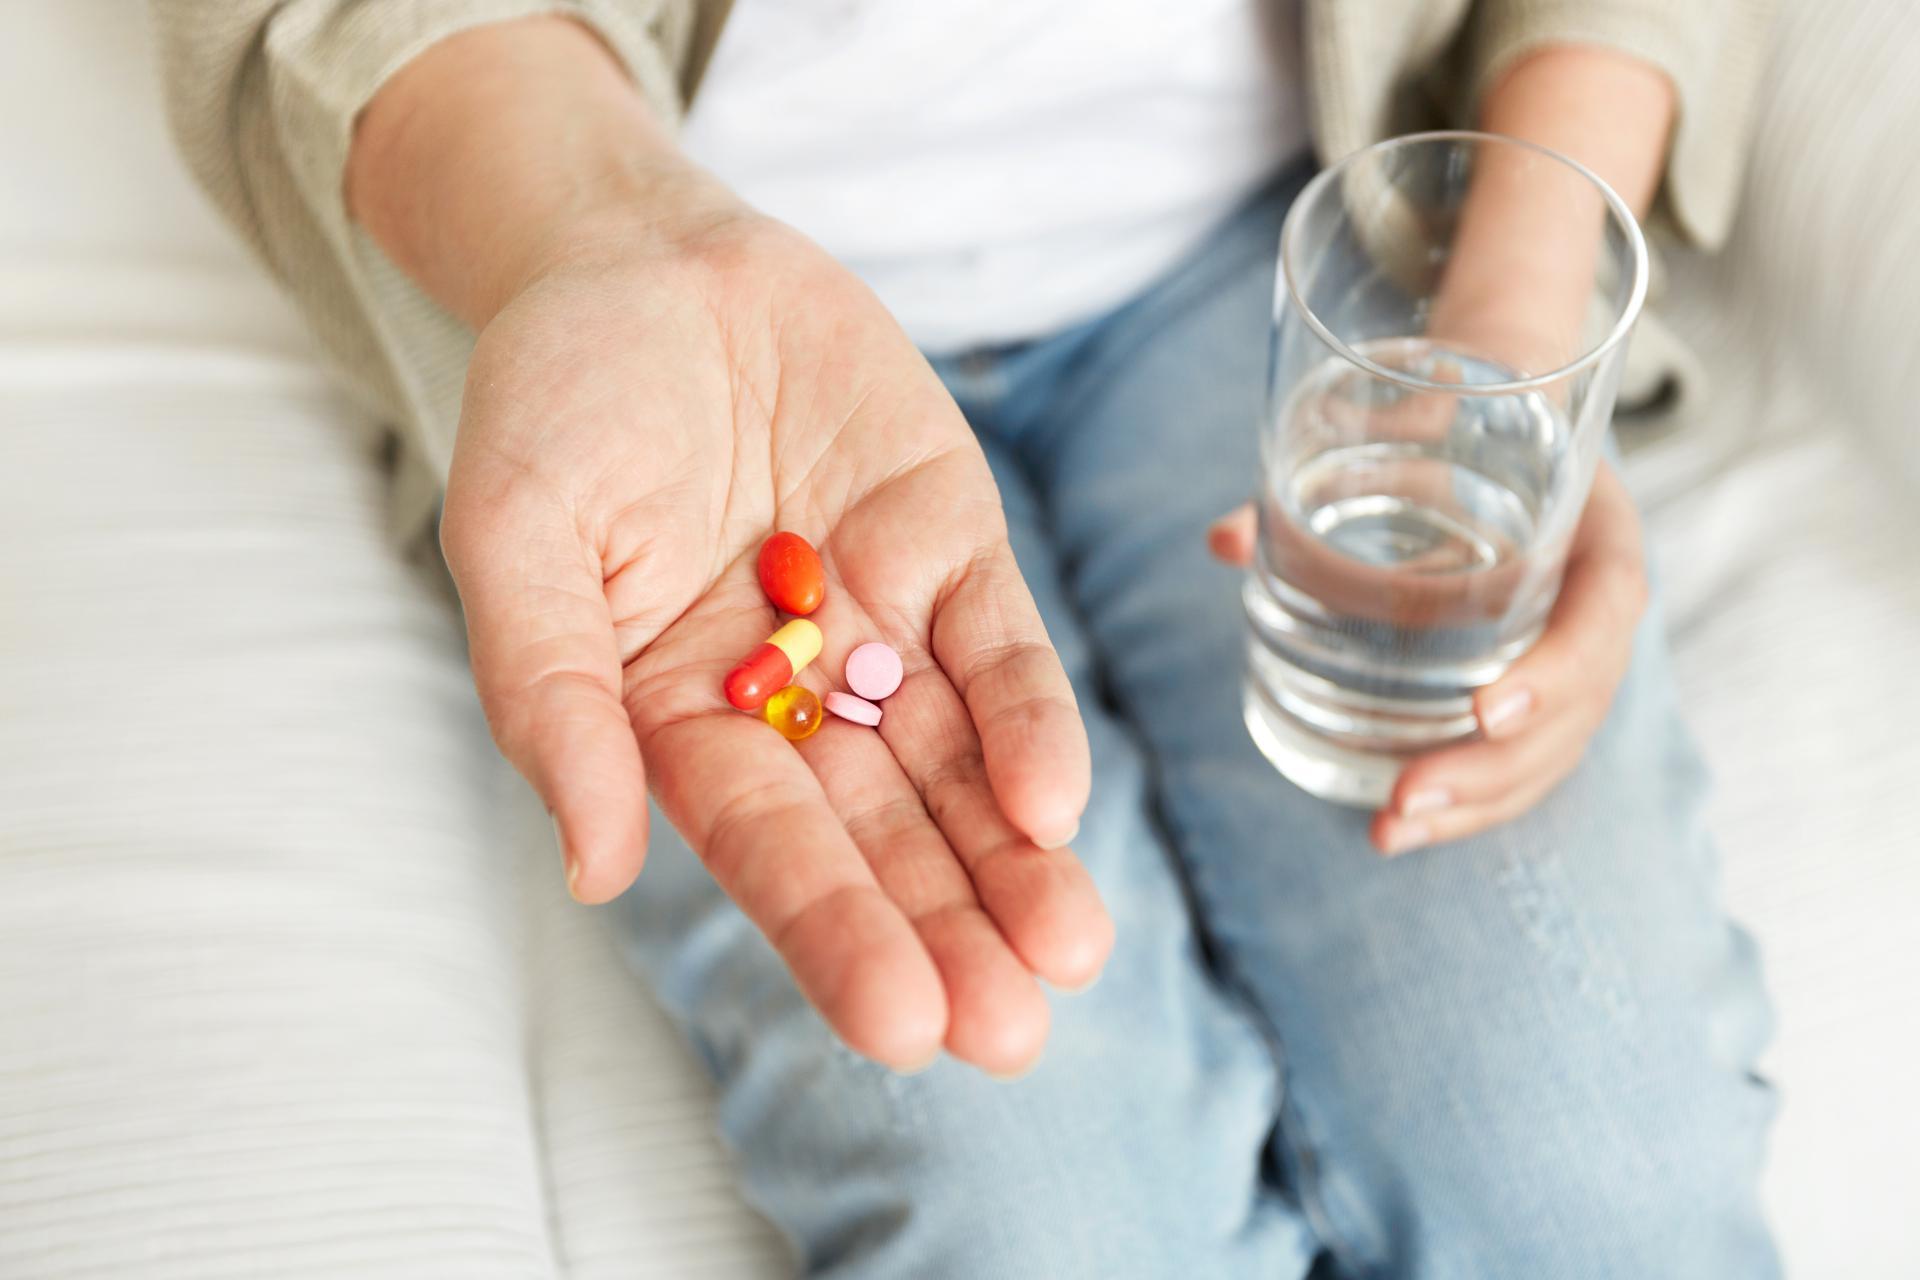 hipertenzivna sindrom ulijevanje vode u čaše za hipertenziju